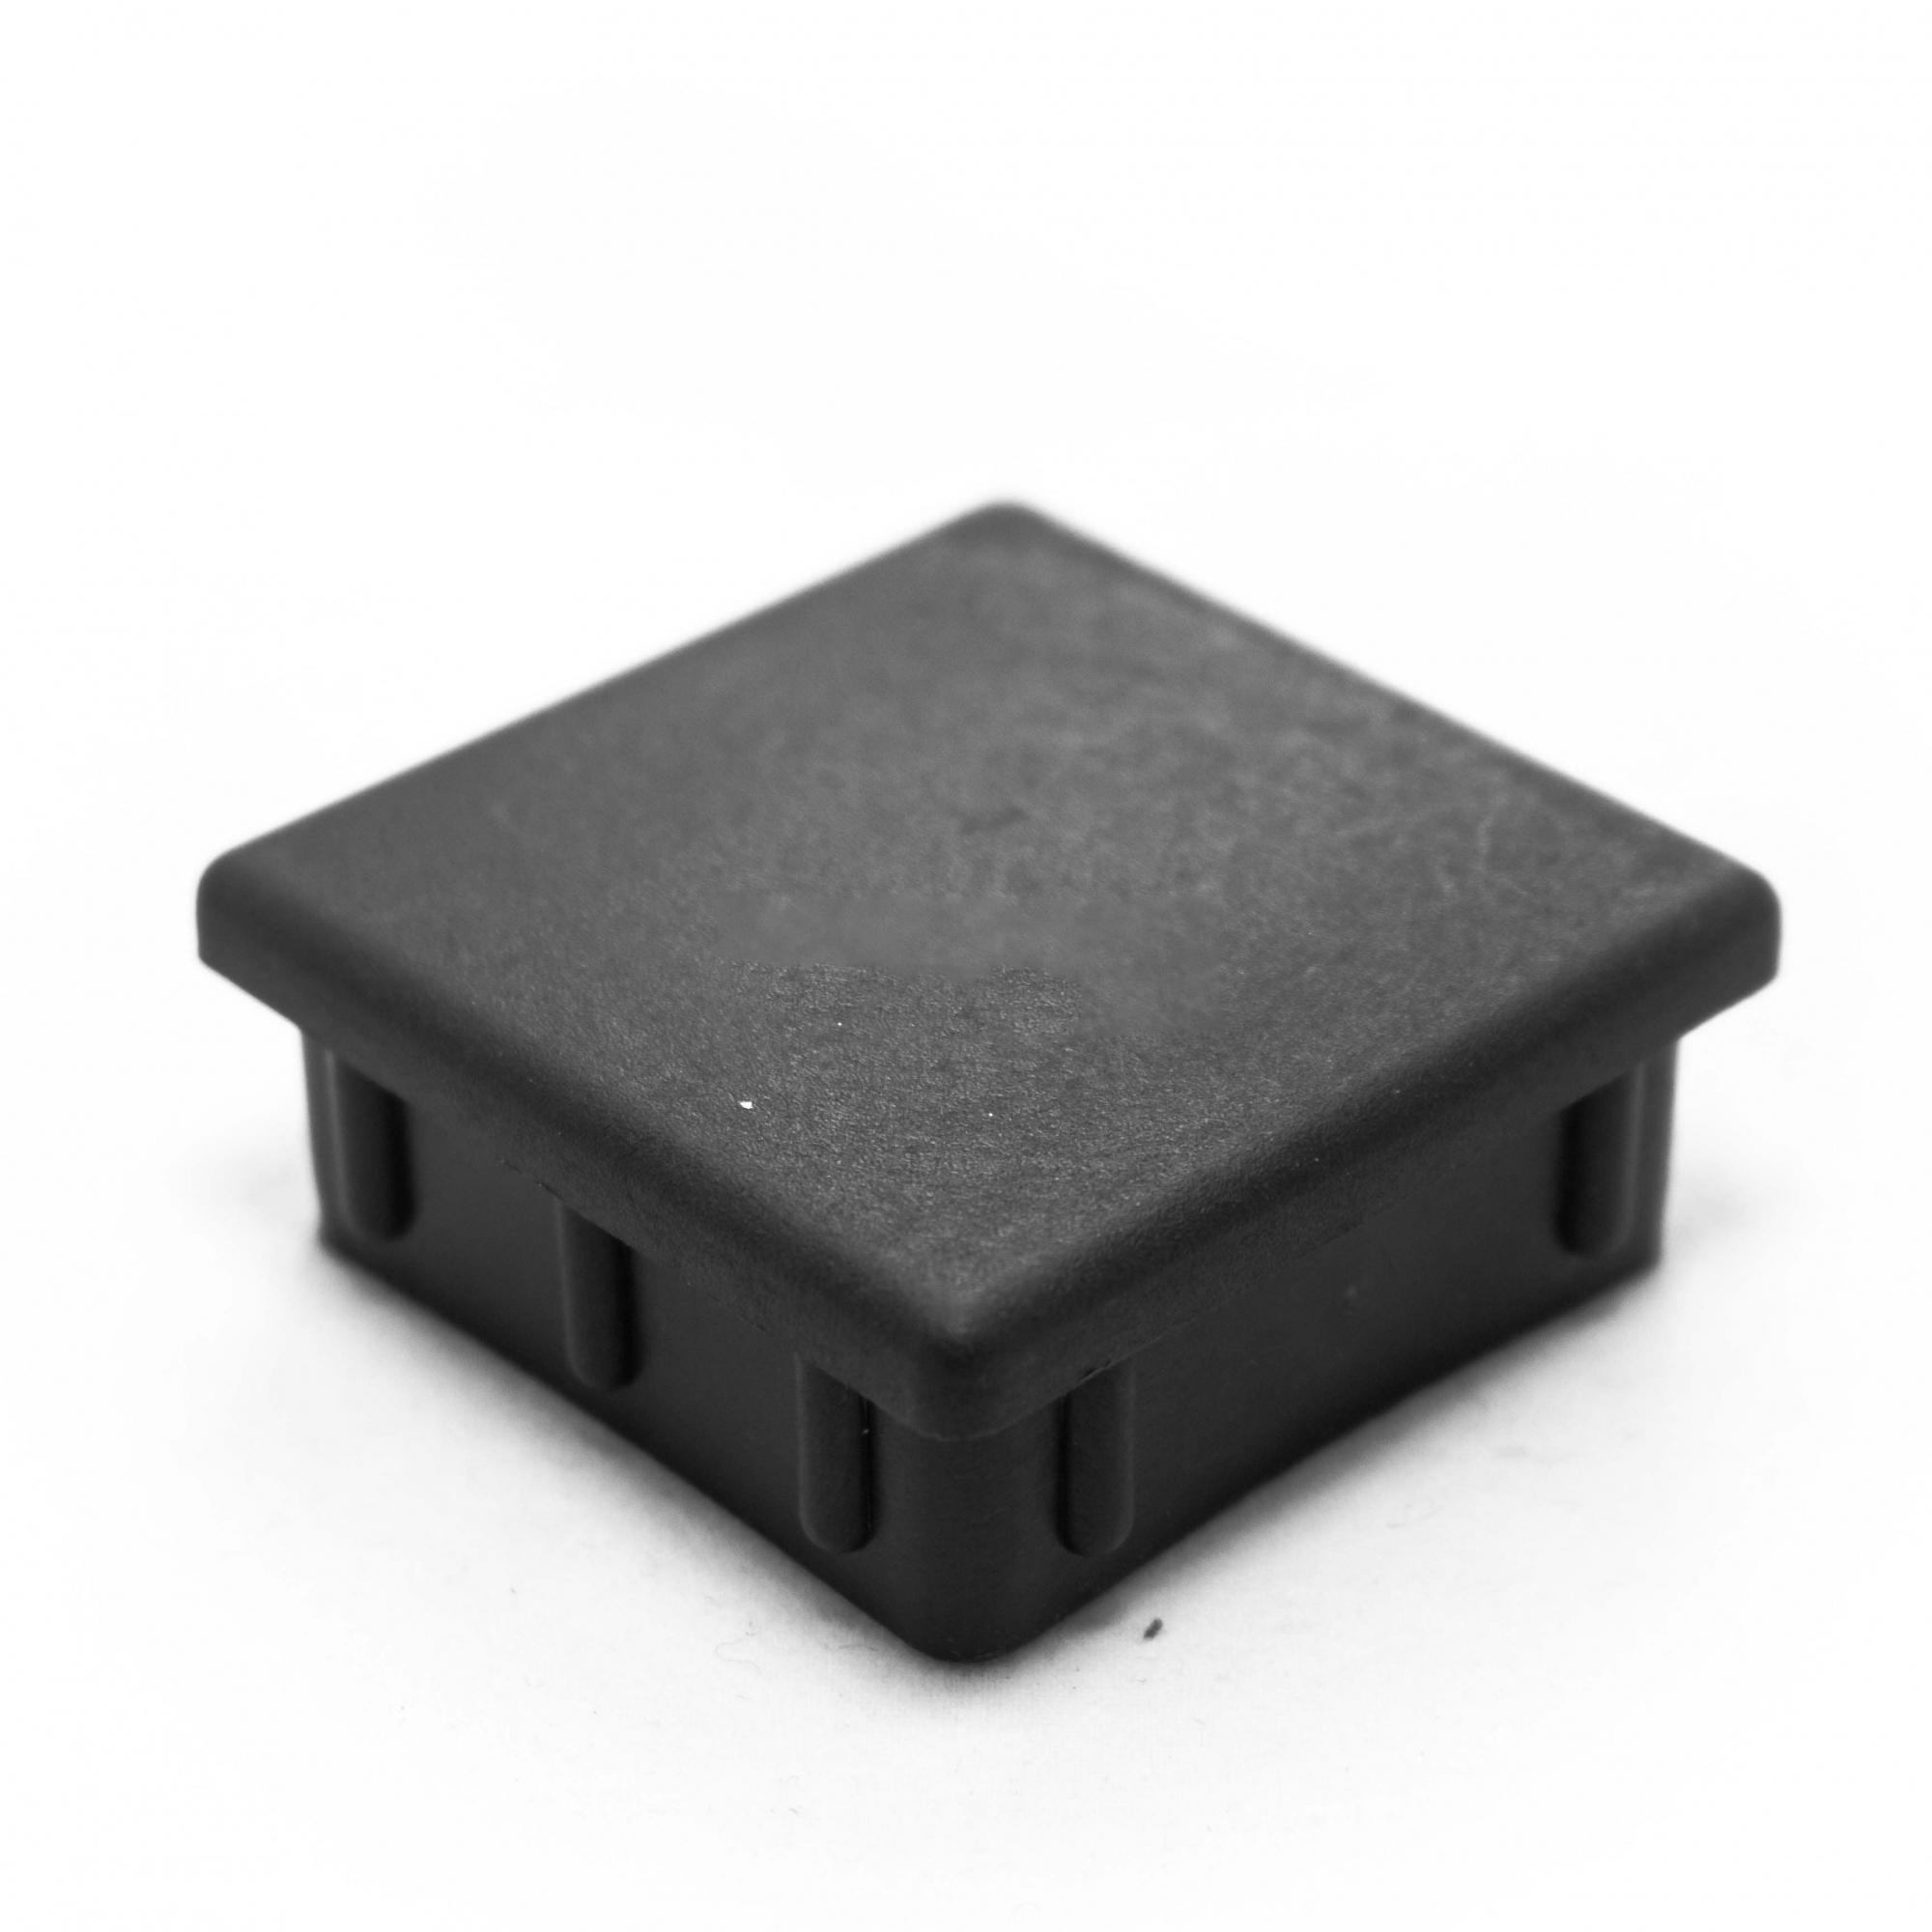 Ponteira 50x50 - Interna - Caixa com 5 unidades